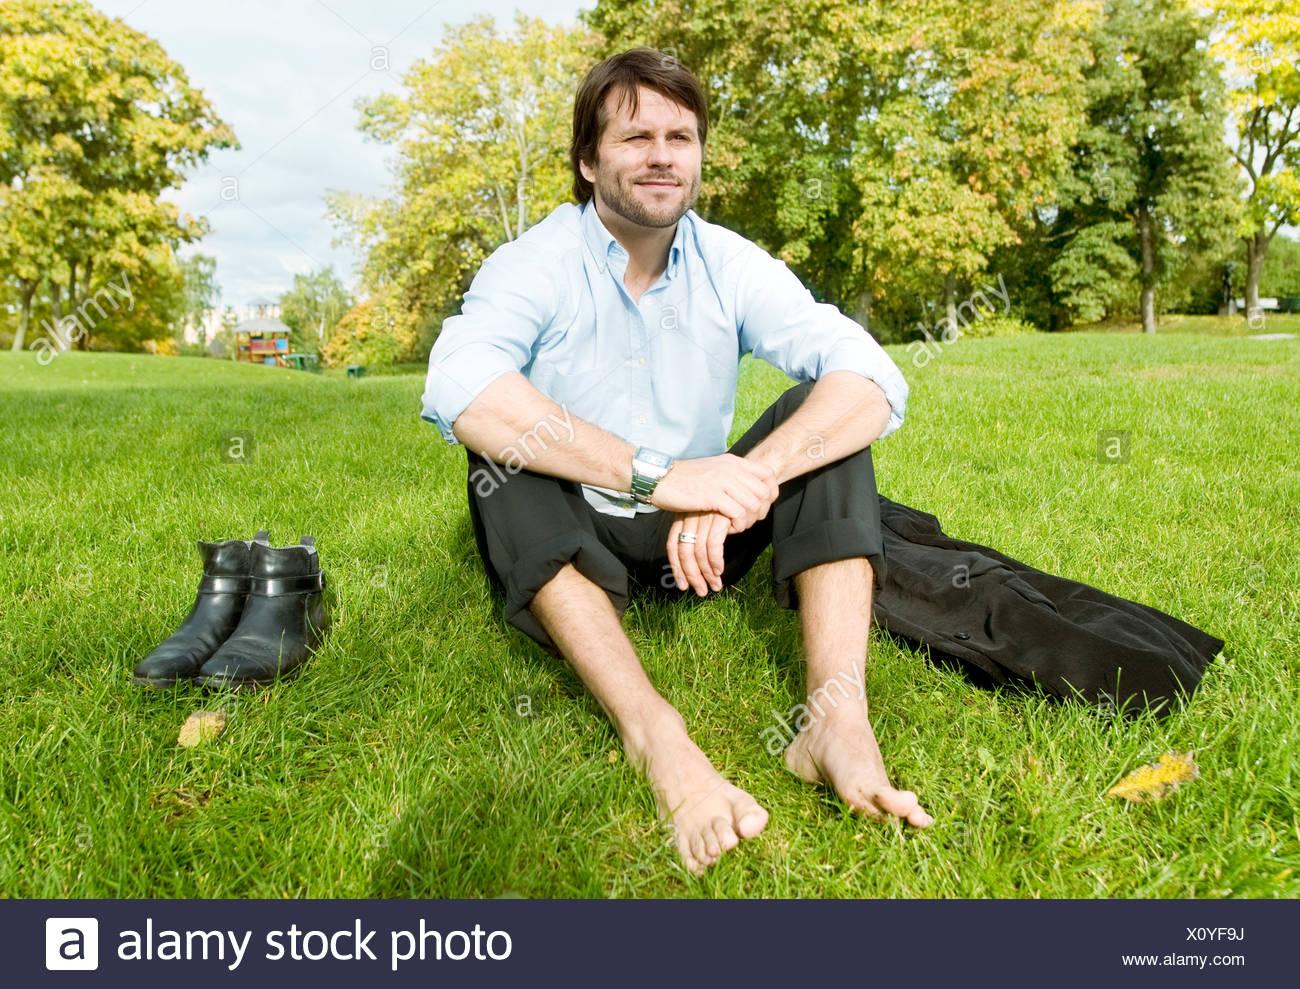 homme assis pied nu sur la pelouse banque d 39 images photo stock 275970622 alamy. Black Bedroom Furniture Sets. Home Design Ideas